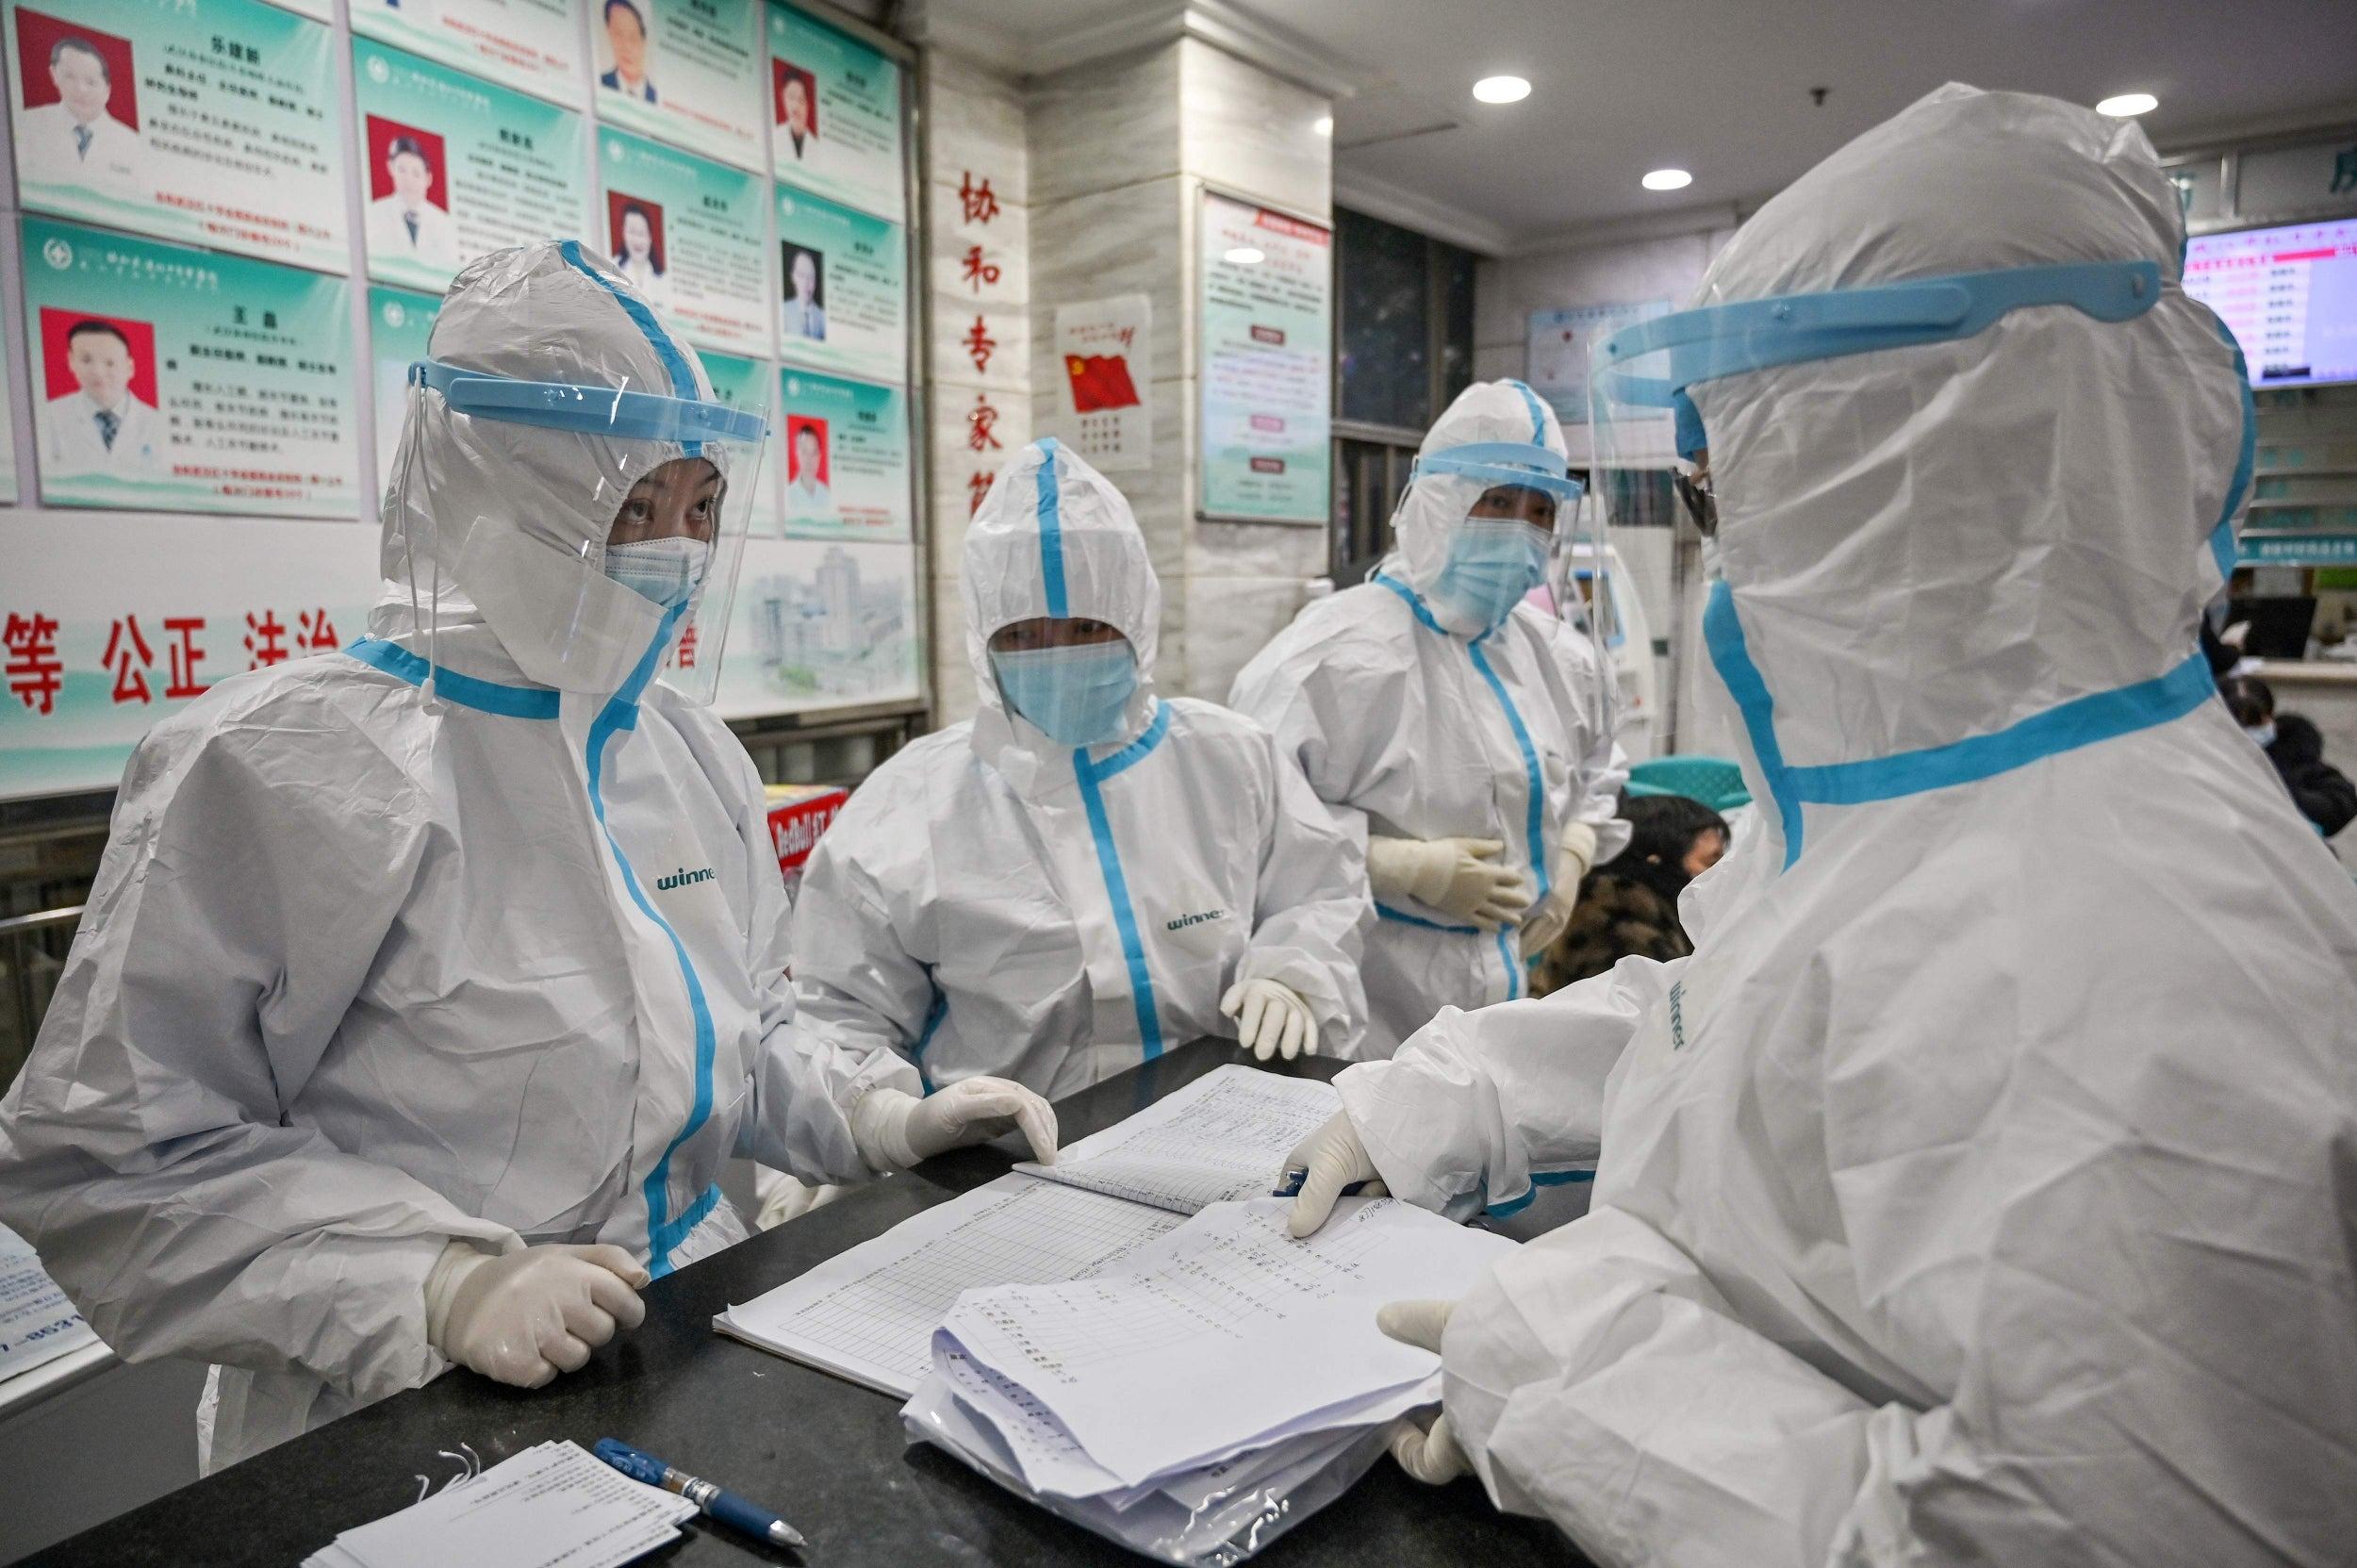 Članovi medicinskog osoblja u zaštitnim odelima razgovaraju u bolnici Crvenog krsta, Vuhan, 25. januar 2020. (Foto: Hector Retamal/Agence France-Presse/Getty Images)